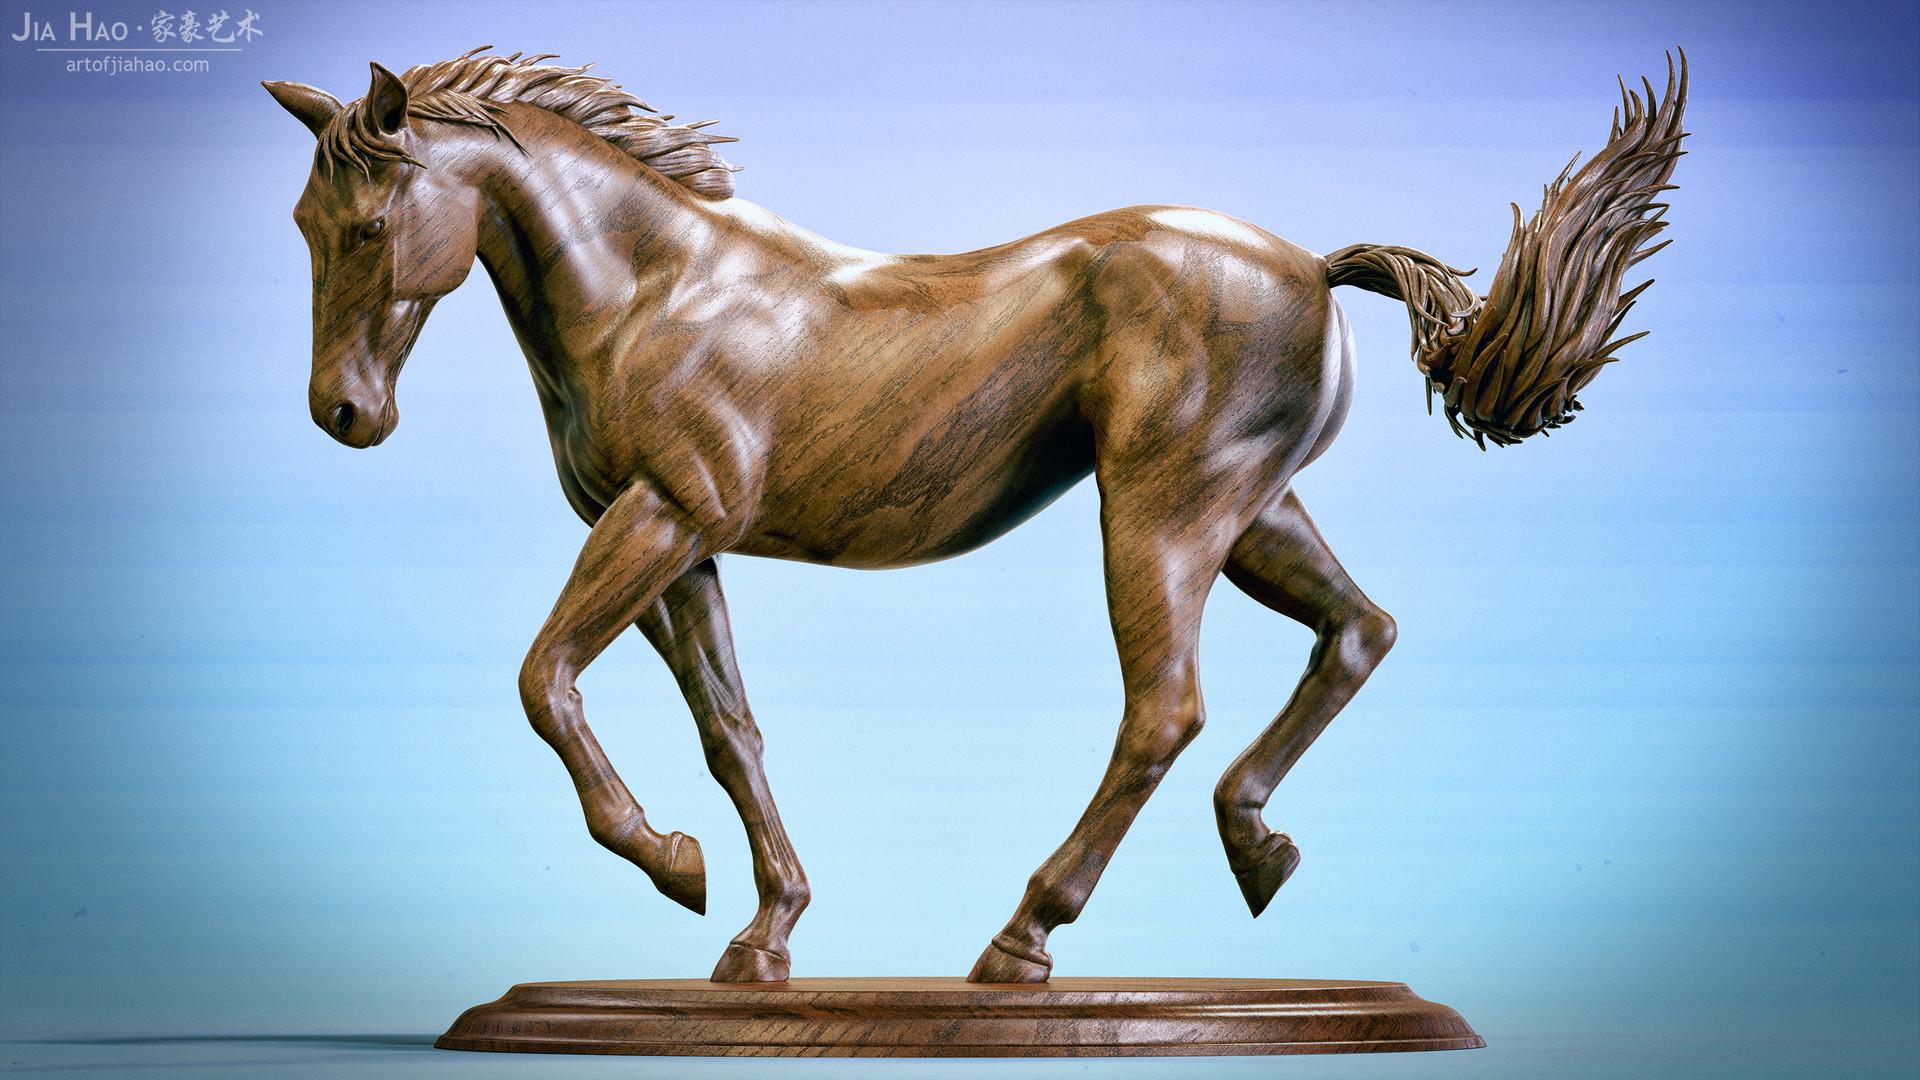 Jia hao horse sculpture comp wood 04